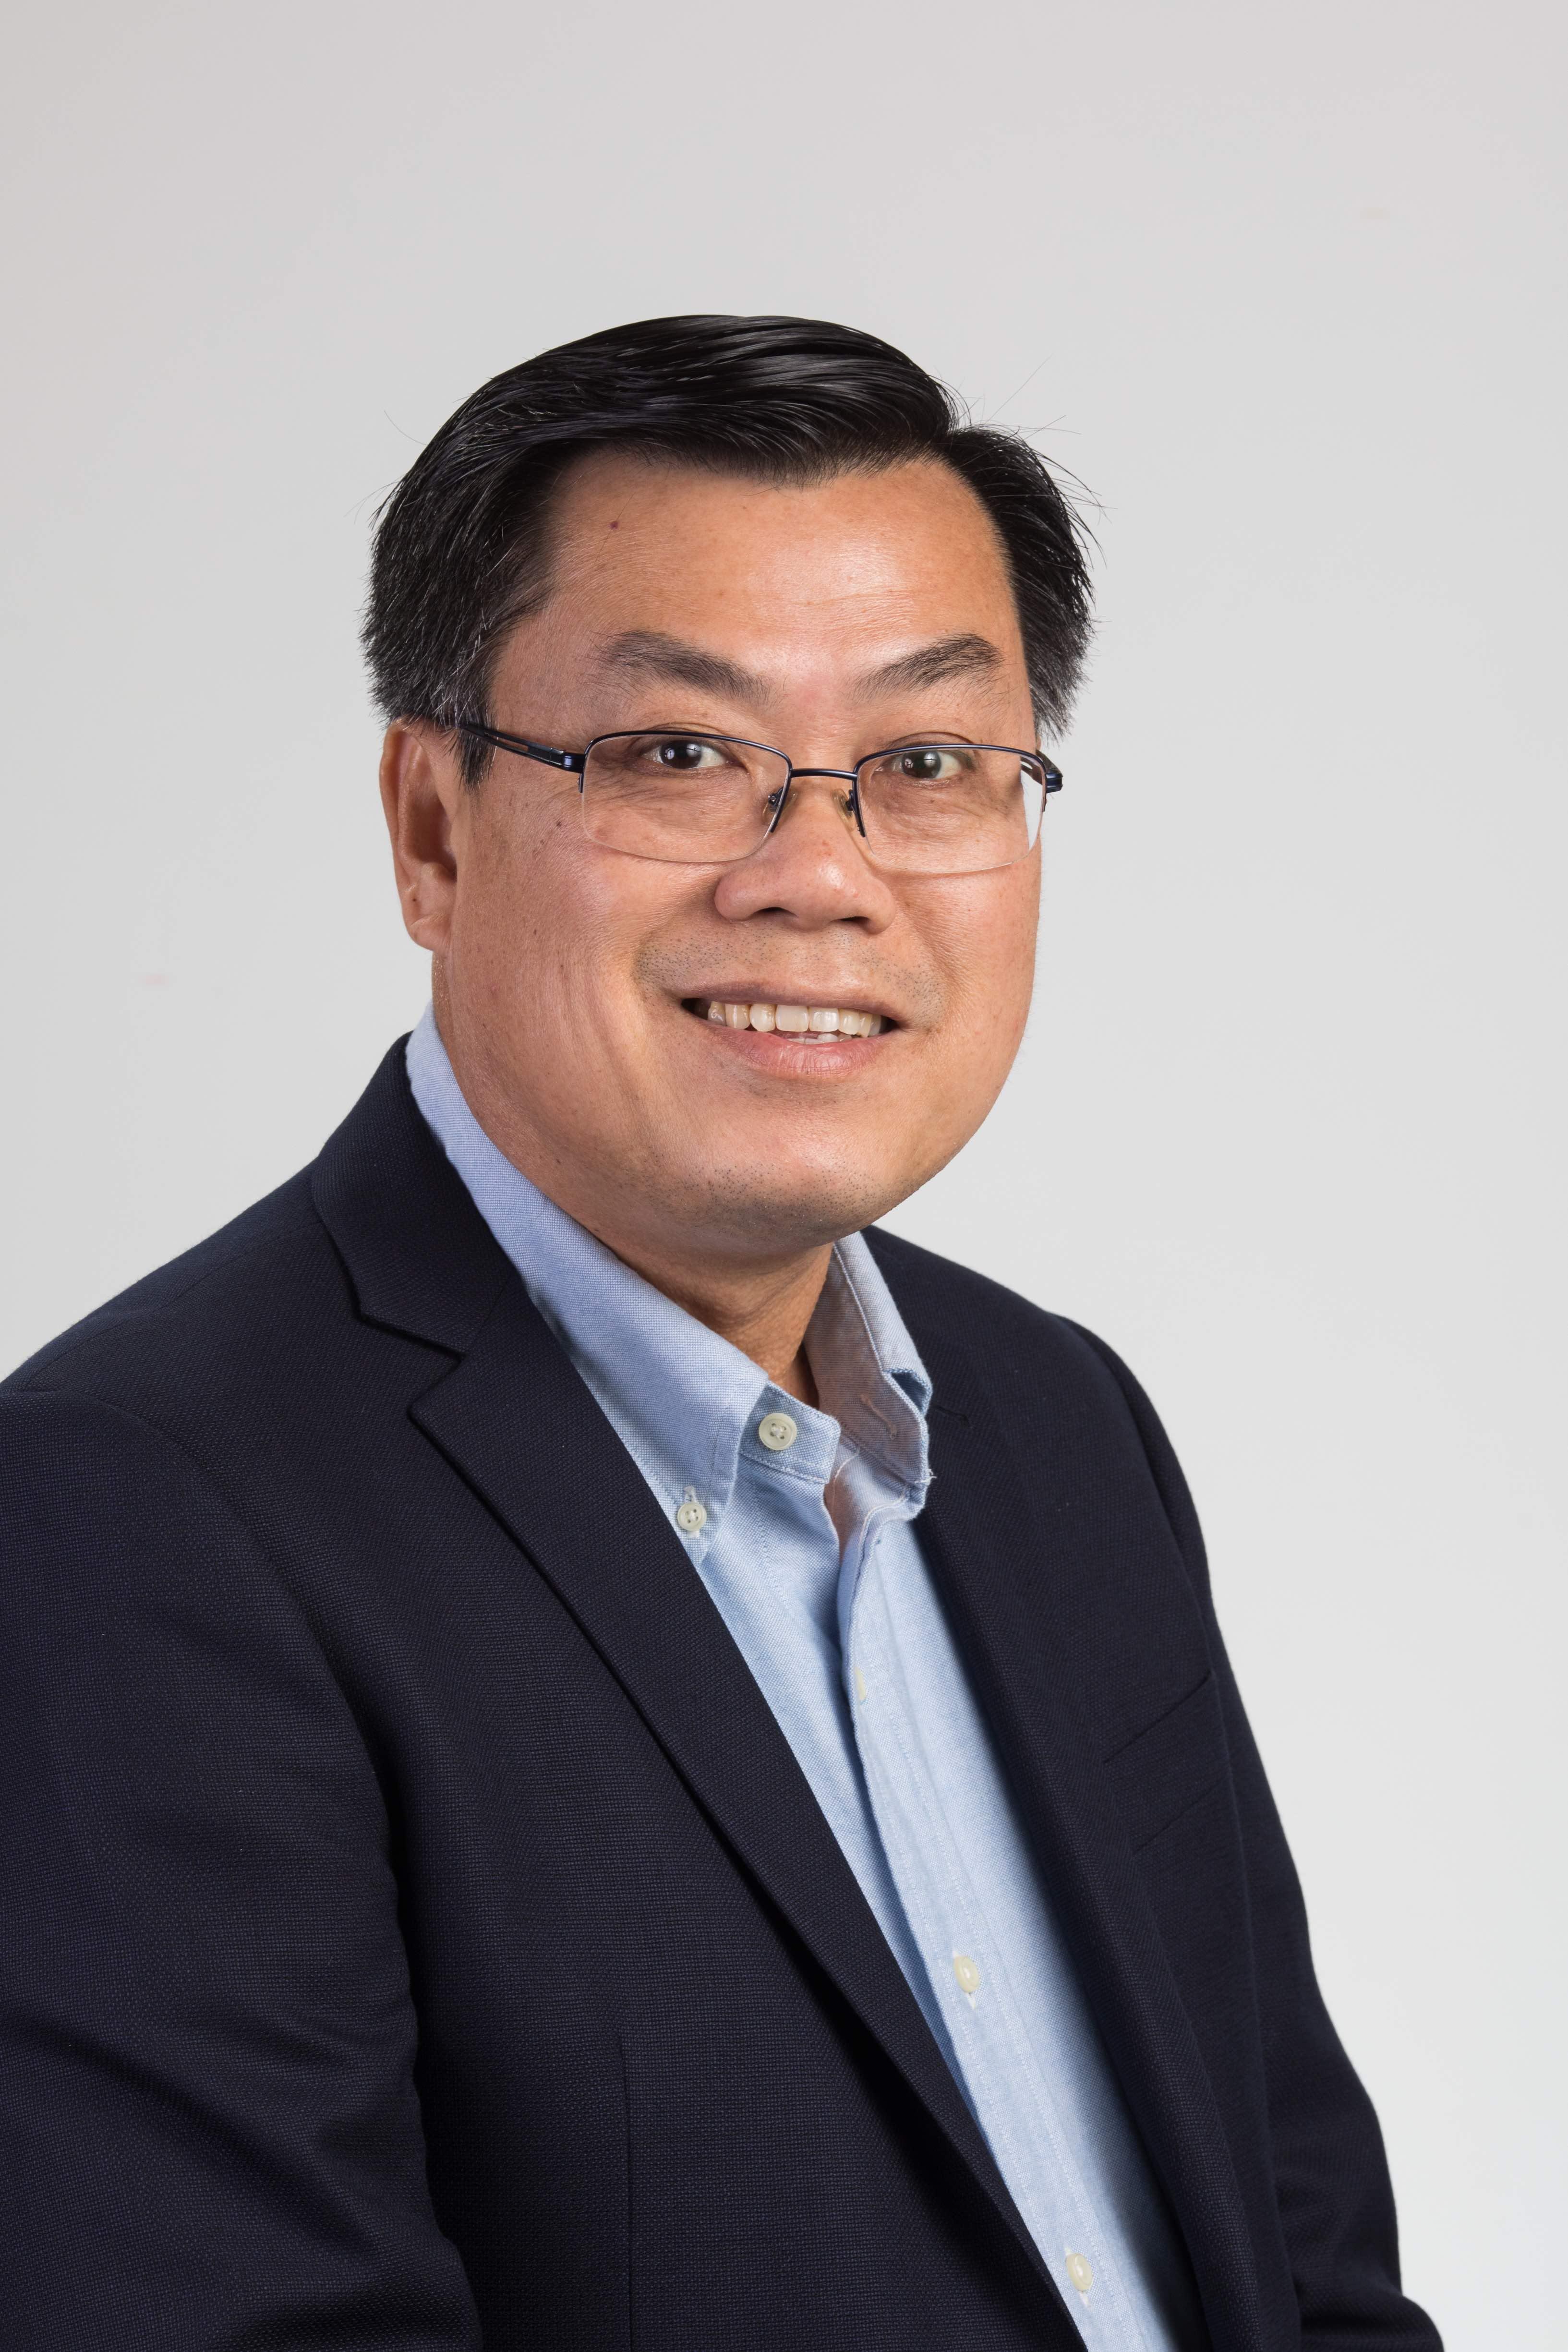 Professor Tuan V Nguyen